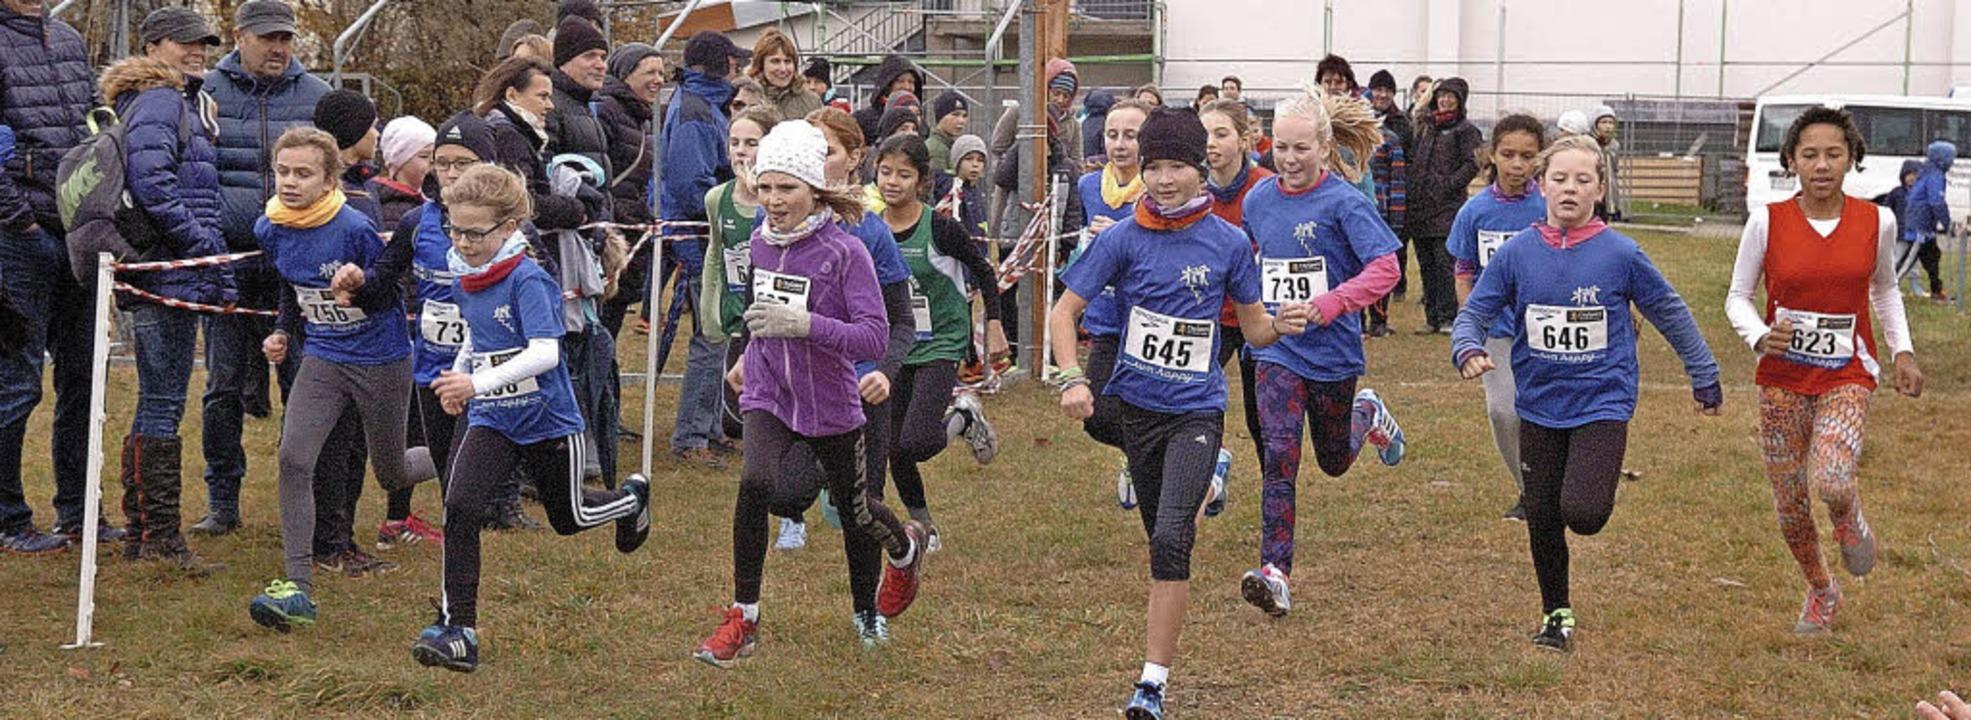 Auch die Jugend zeigte beim Crosslauf ...stag in Wyhl ihr läuferisches Können.   | Foto: Jürgen Schweizer